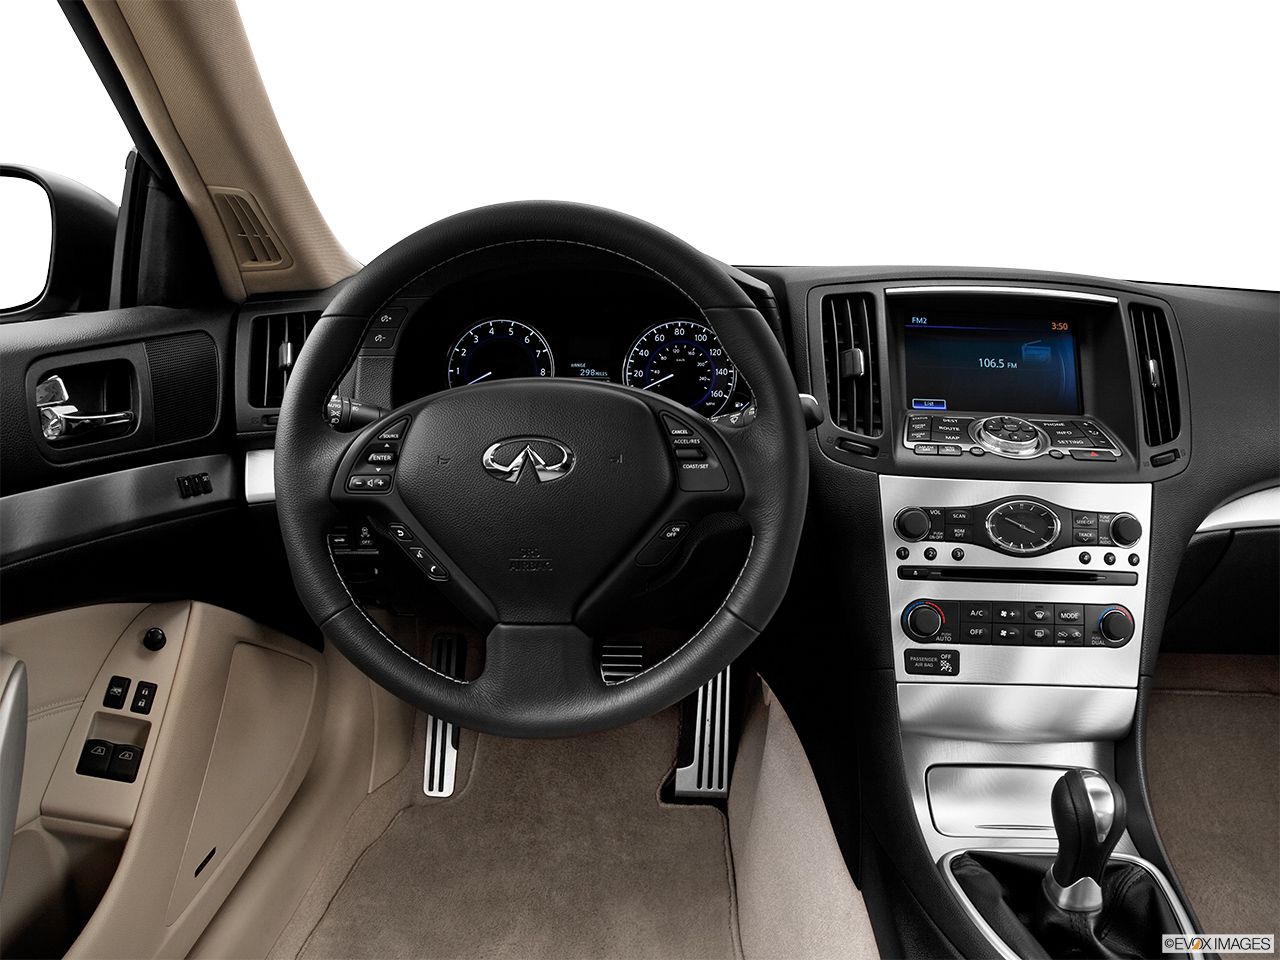 2013 Infiniti G37 Coupe 2dr Ipl Manual Rwd Carnow Com